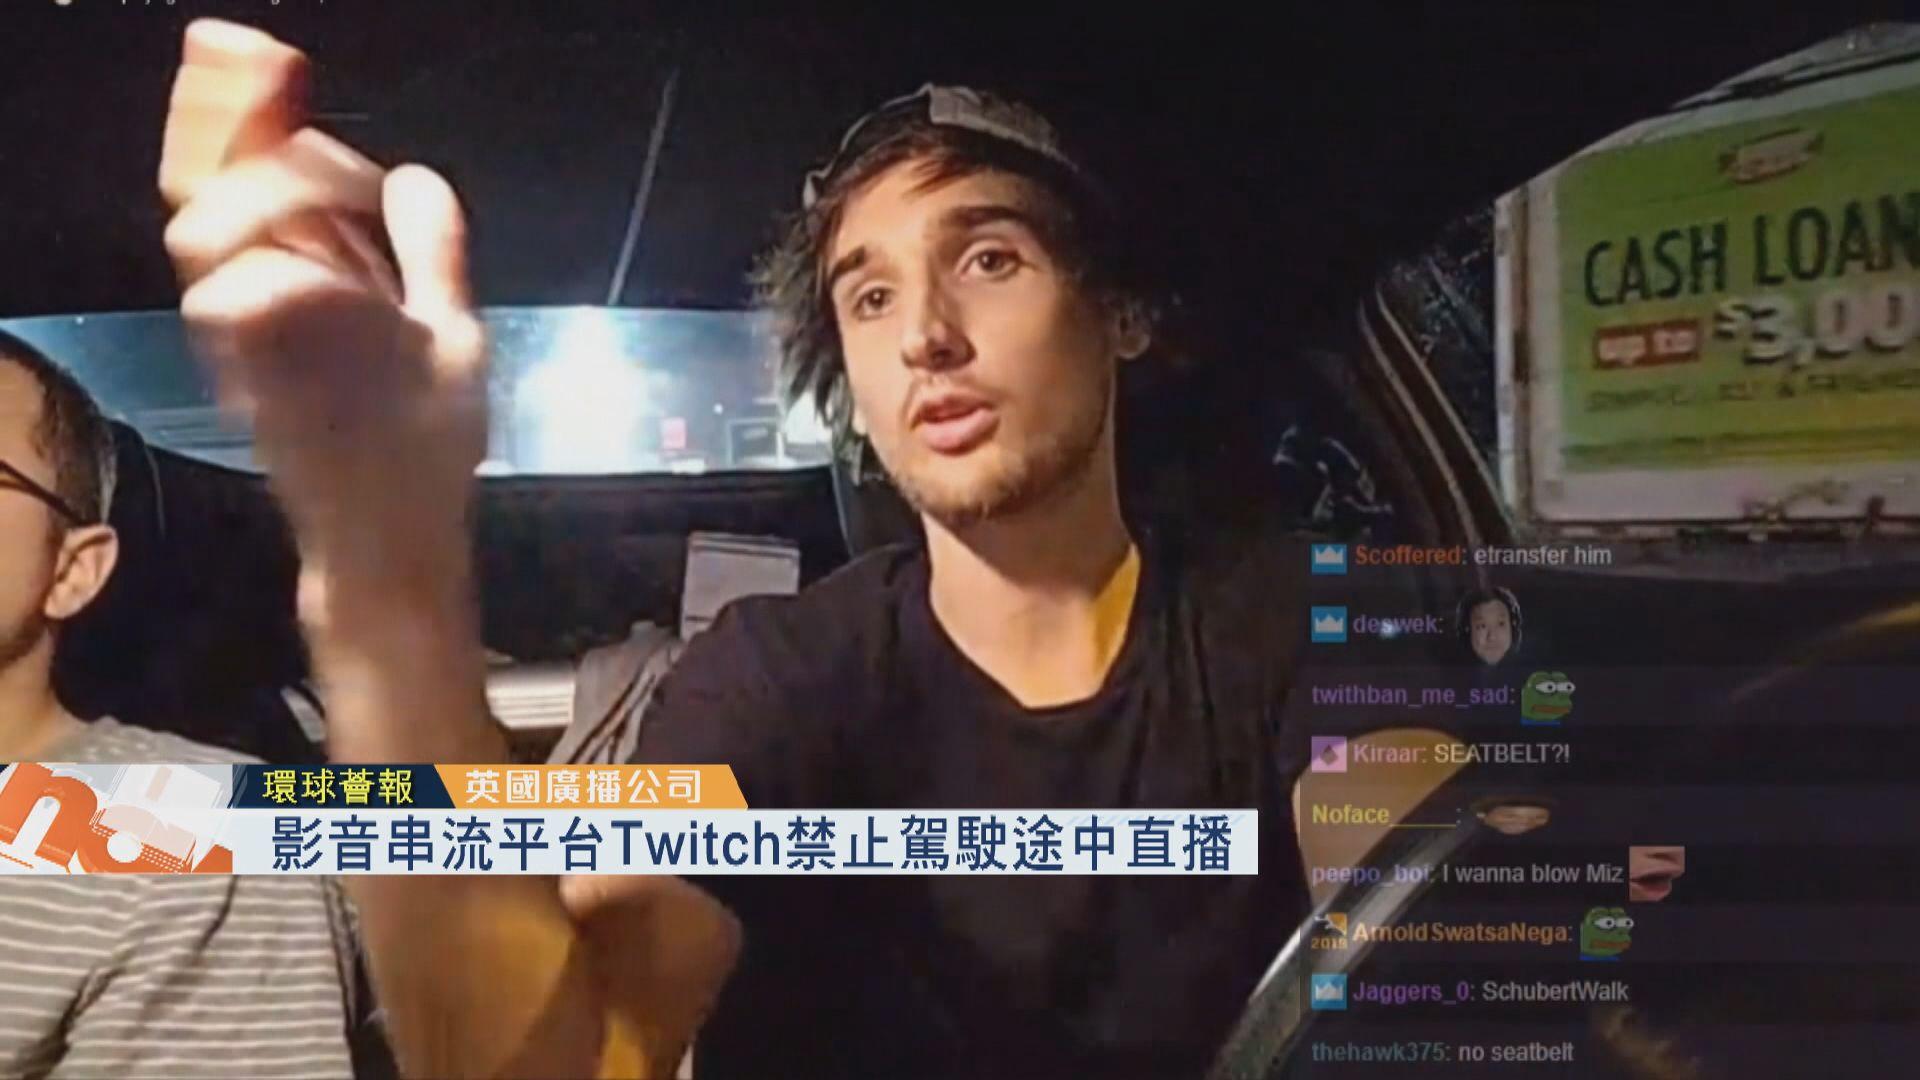 【環球薈報】影音串流平台Twitch禁止駕駛途中直播